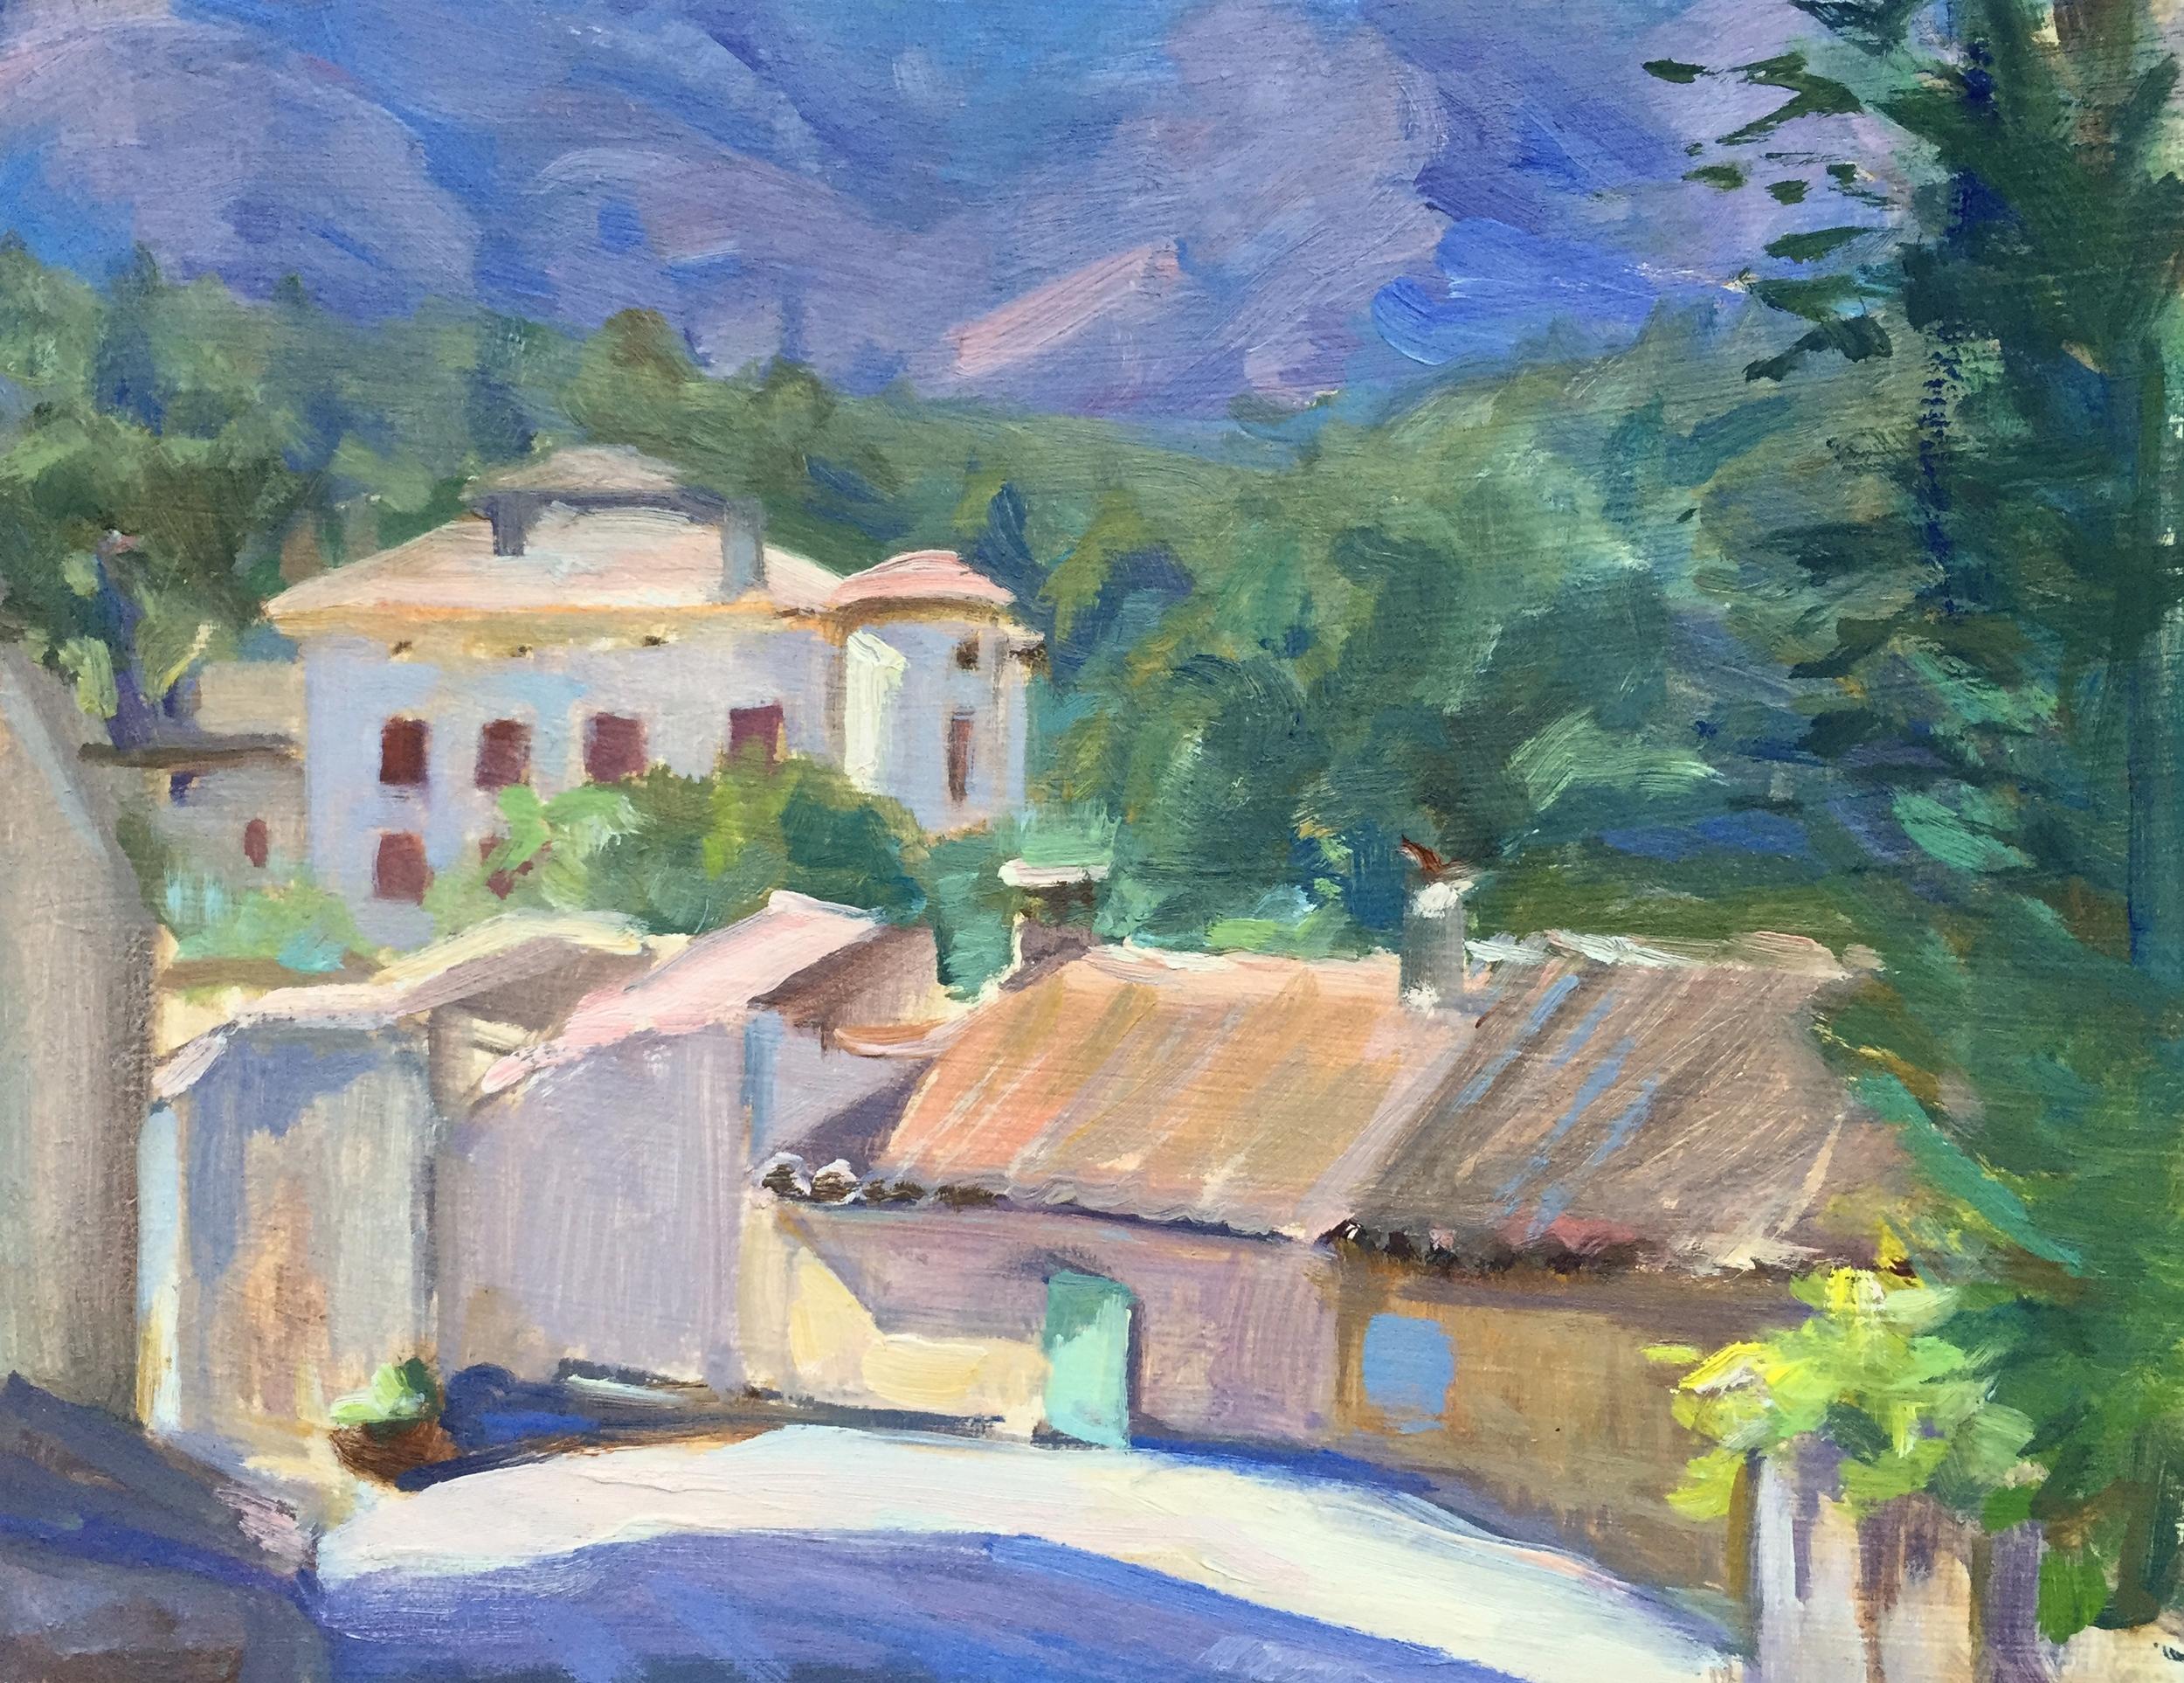 Le Chateau de Picasso, Vauvenargues village